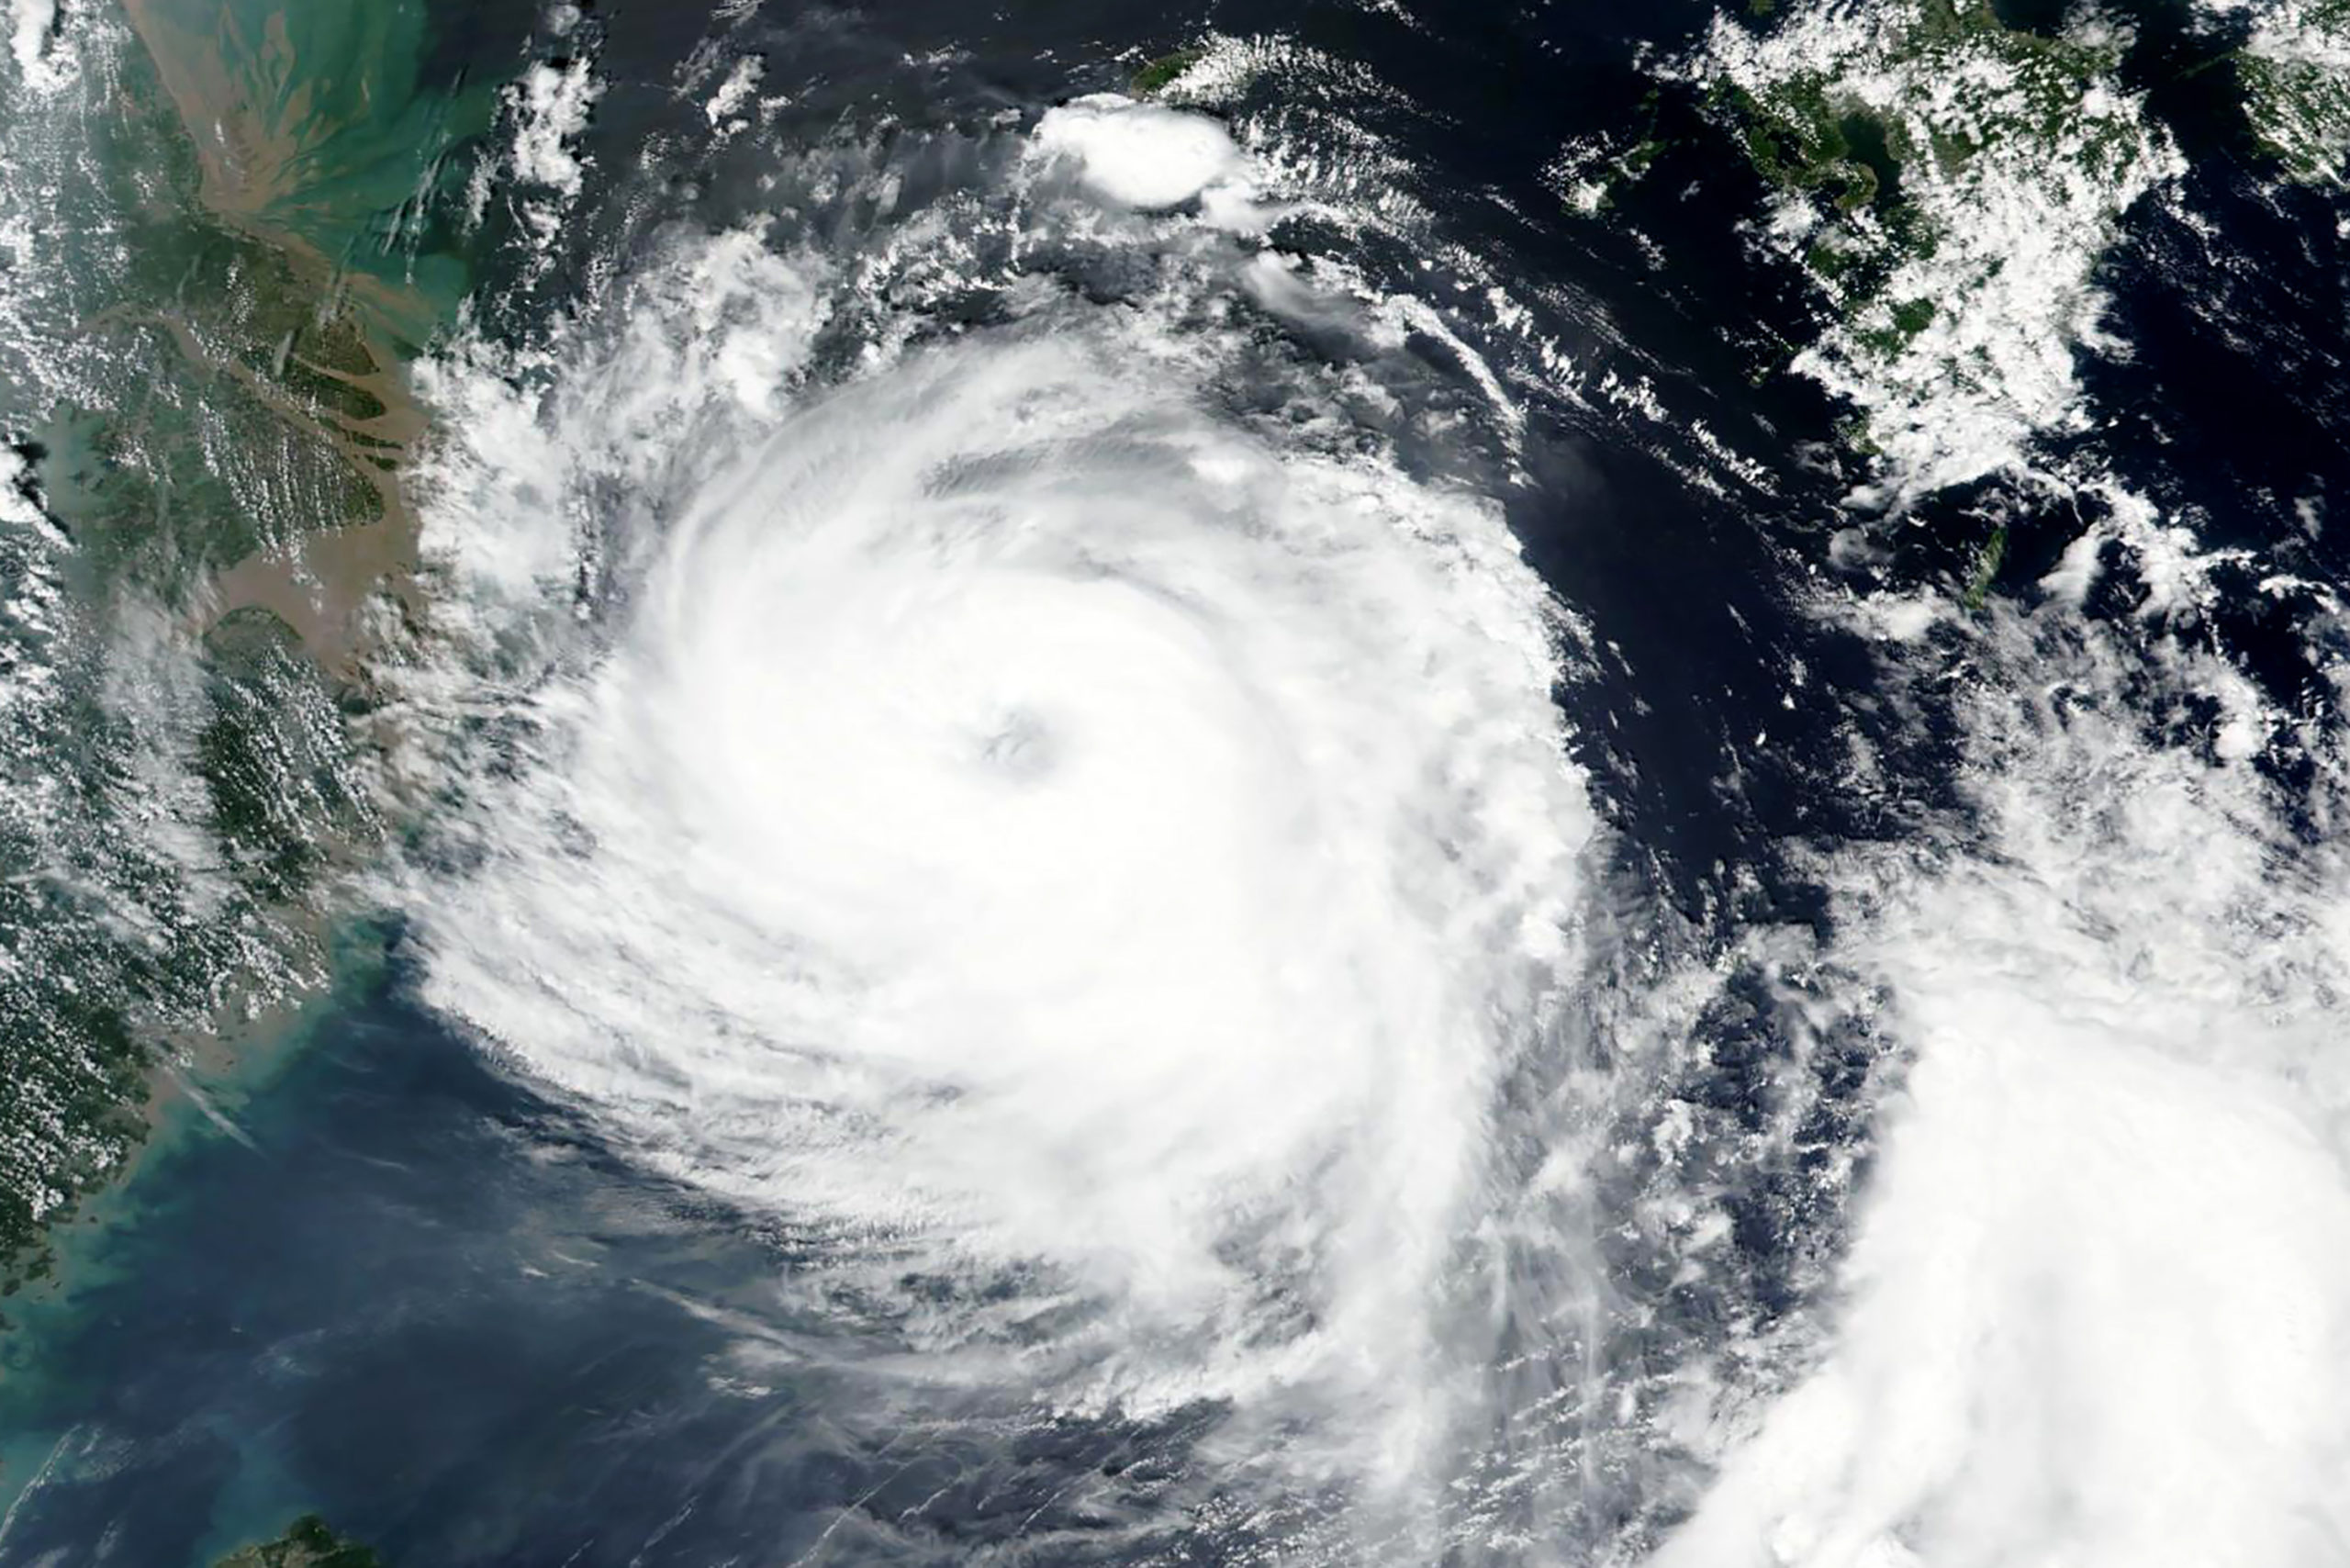 Koreja e Jugut dhe e Veriut priten te goditen nga dy tajfunë brenda një jave